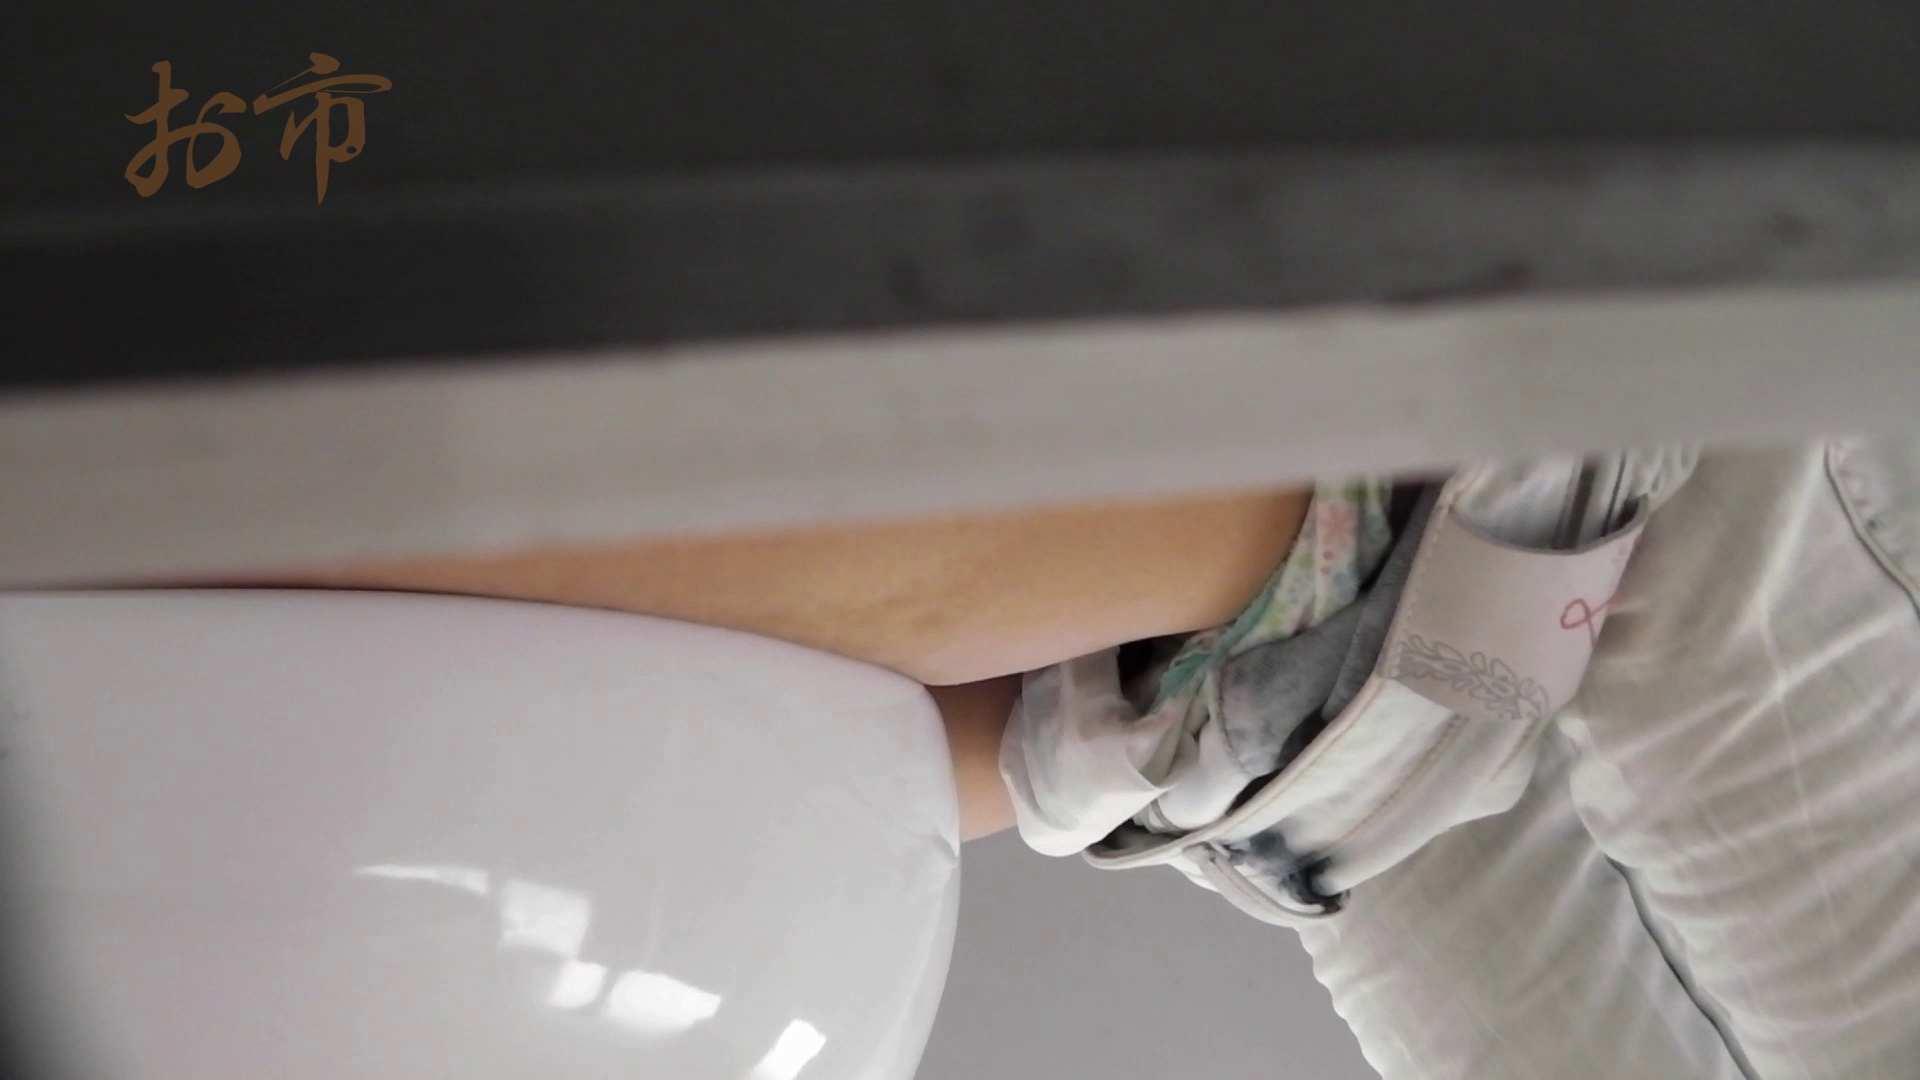 潜入!!台湾名門女学院 Vol.12 長身モデル驚き見たことないシチュエーション エッチすぎる美女 オマンコ動画キャプチャ 25連発 18